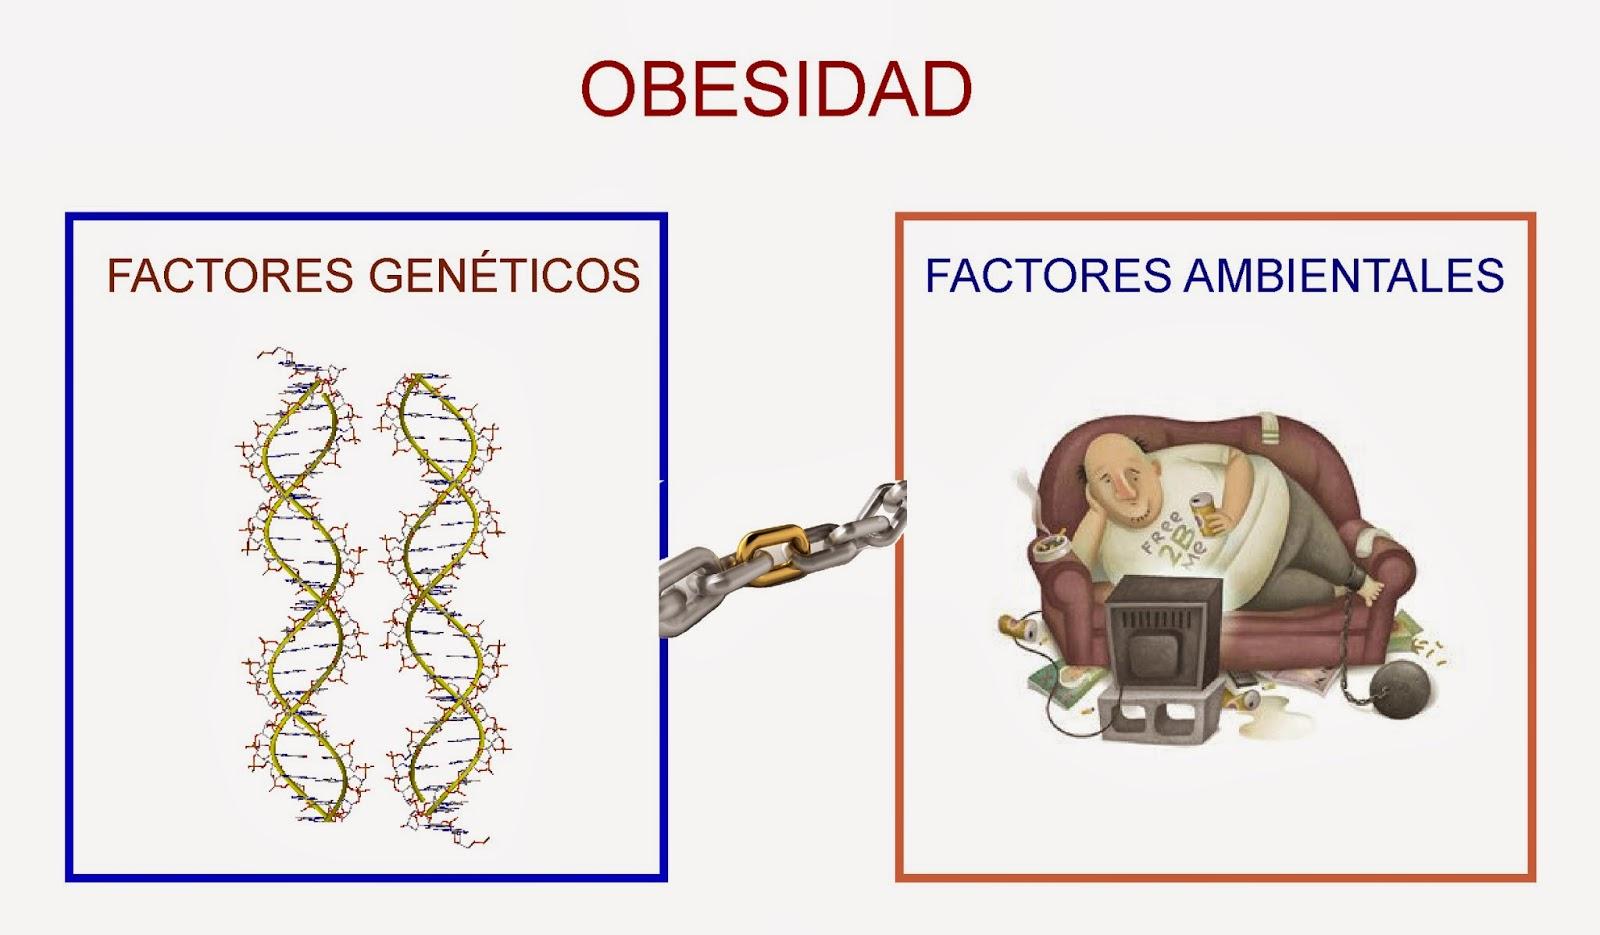 Factores genéticos y ambientales de la obesidad